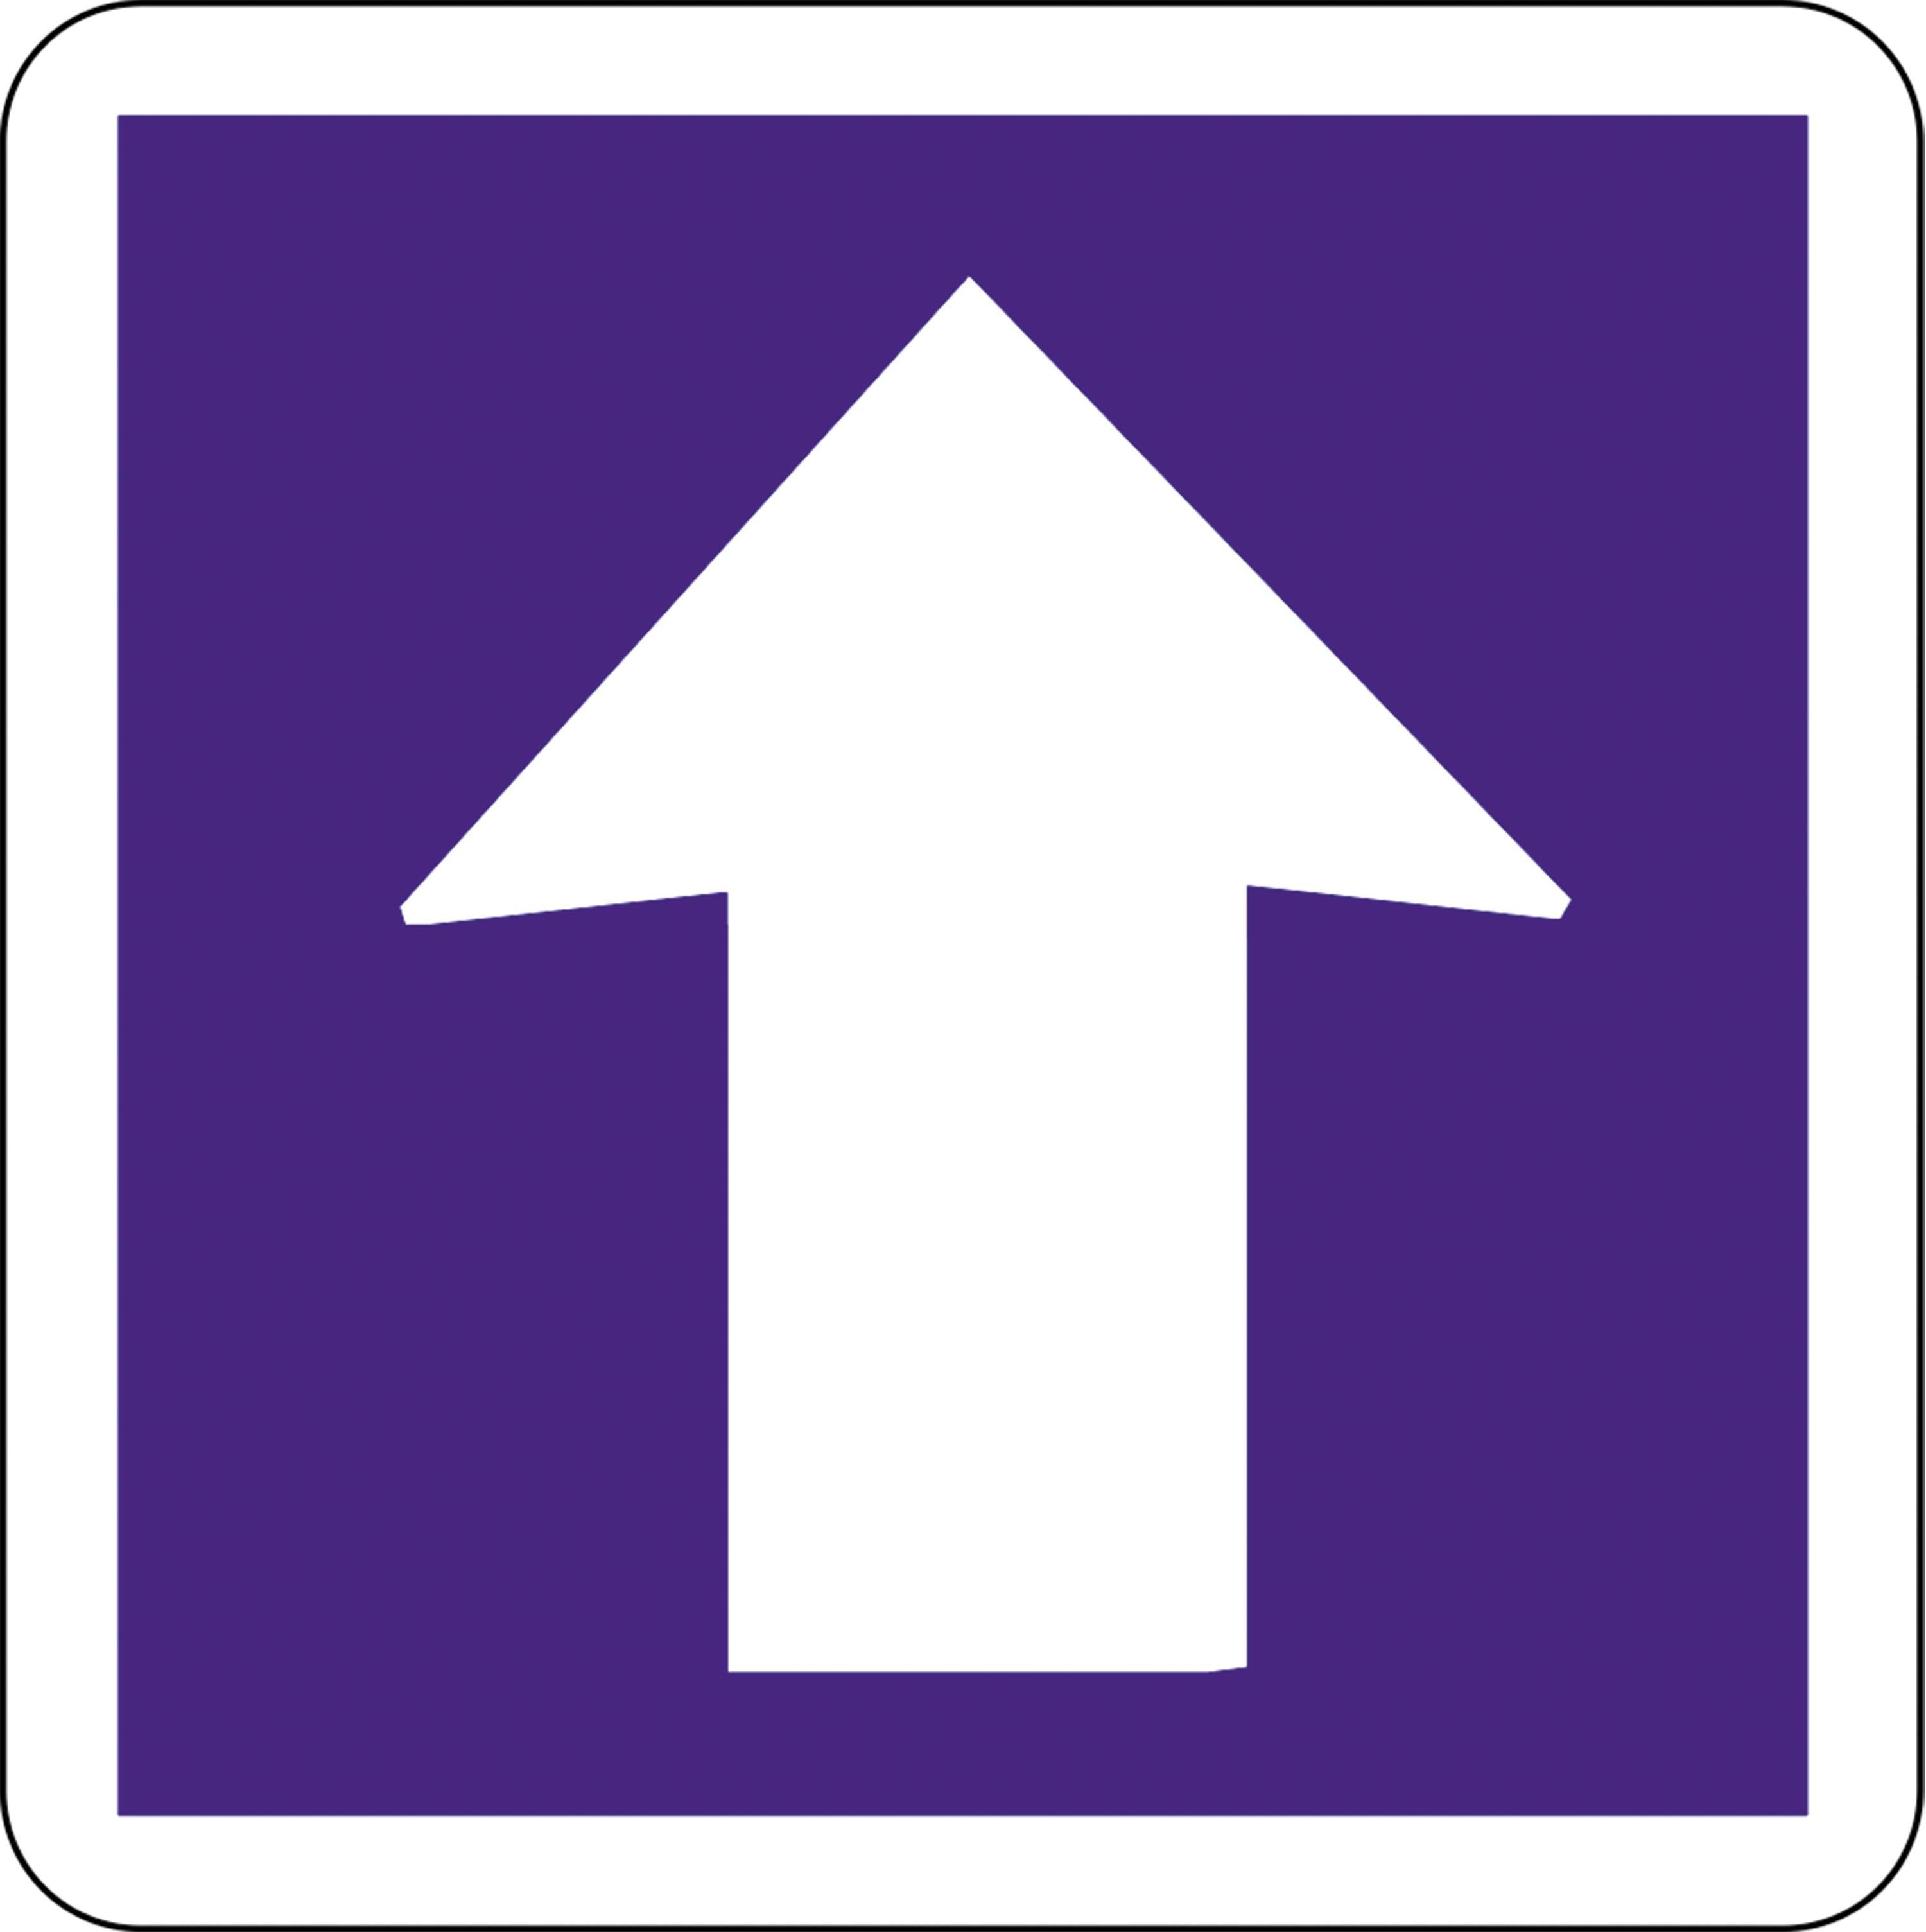 Panneau route sens unique